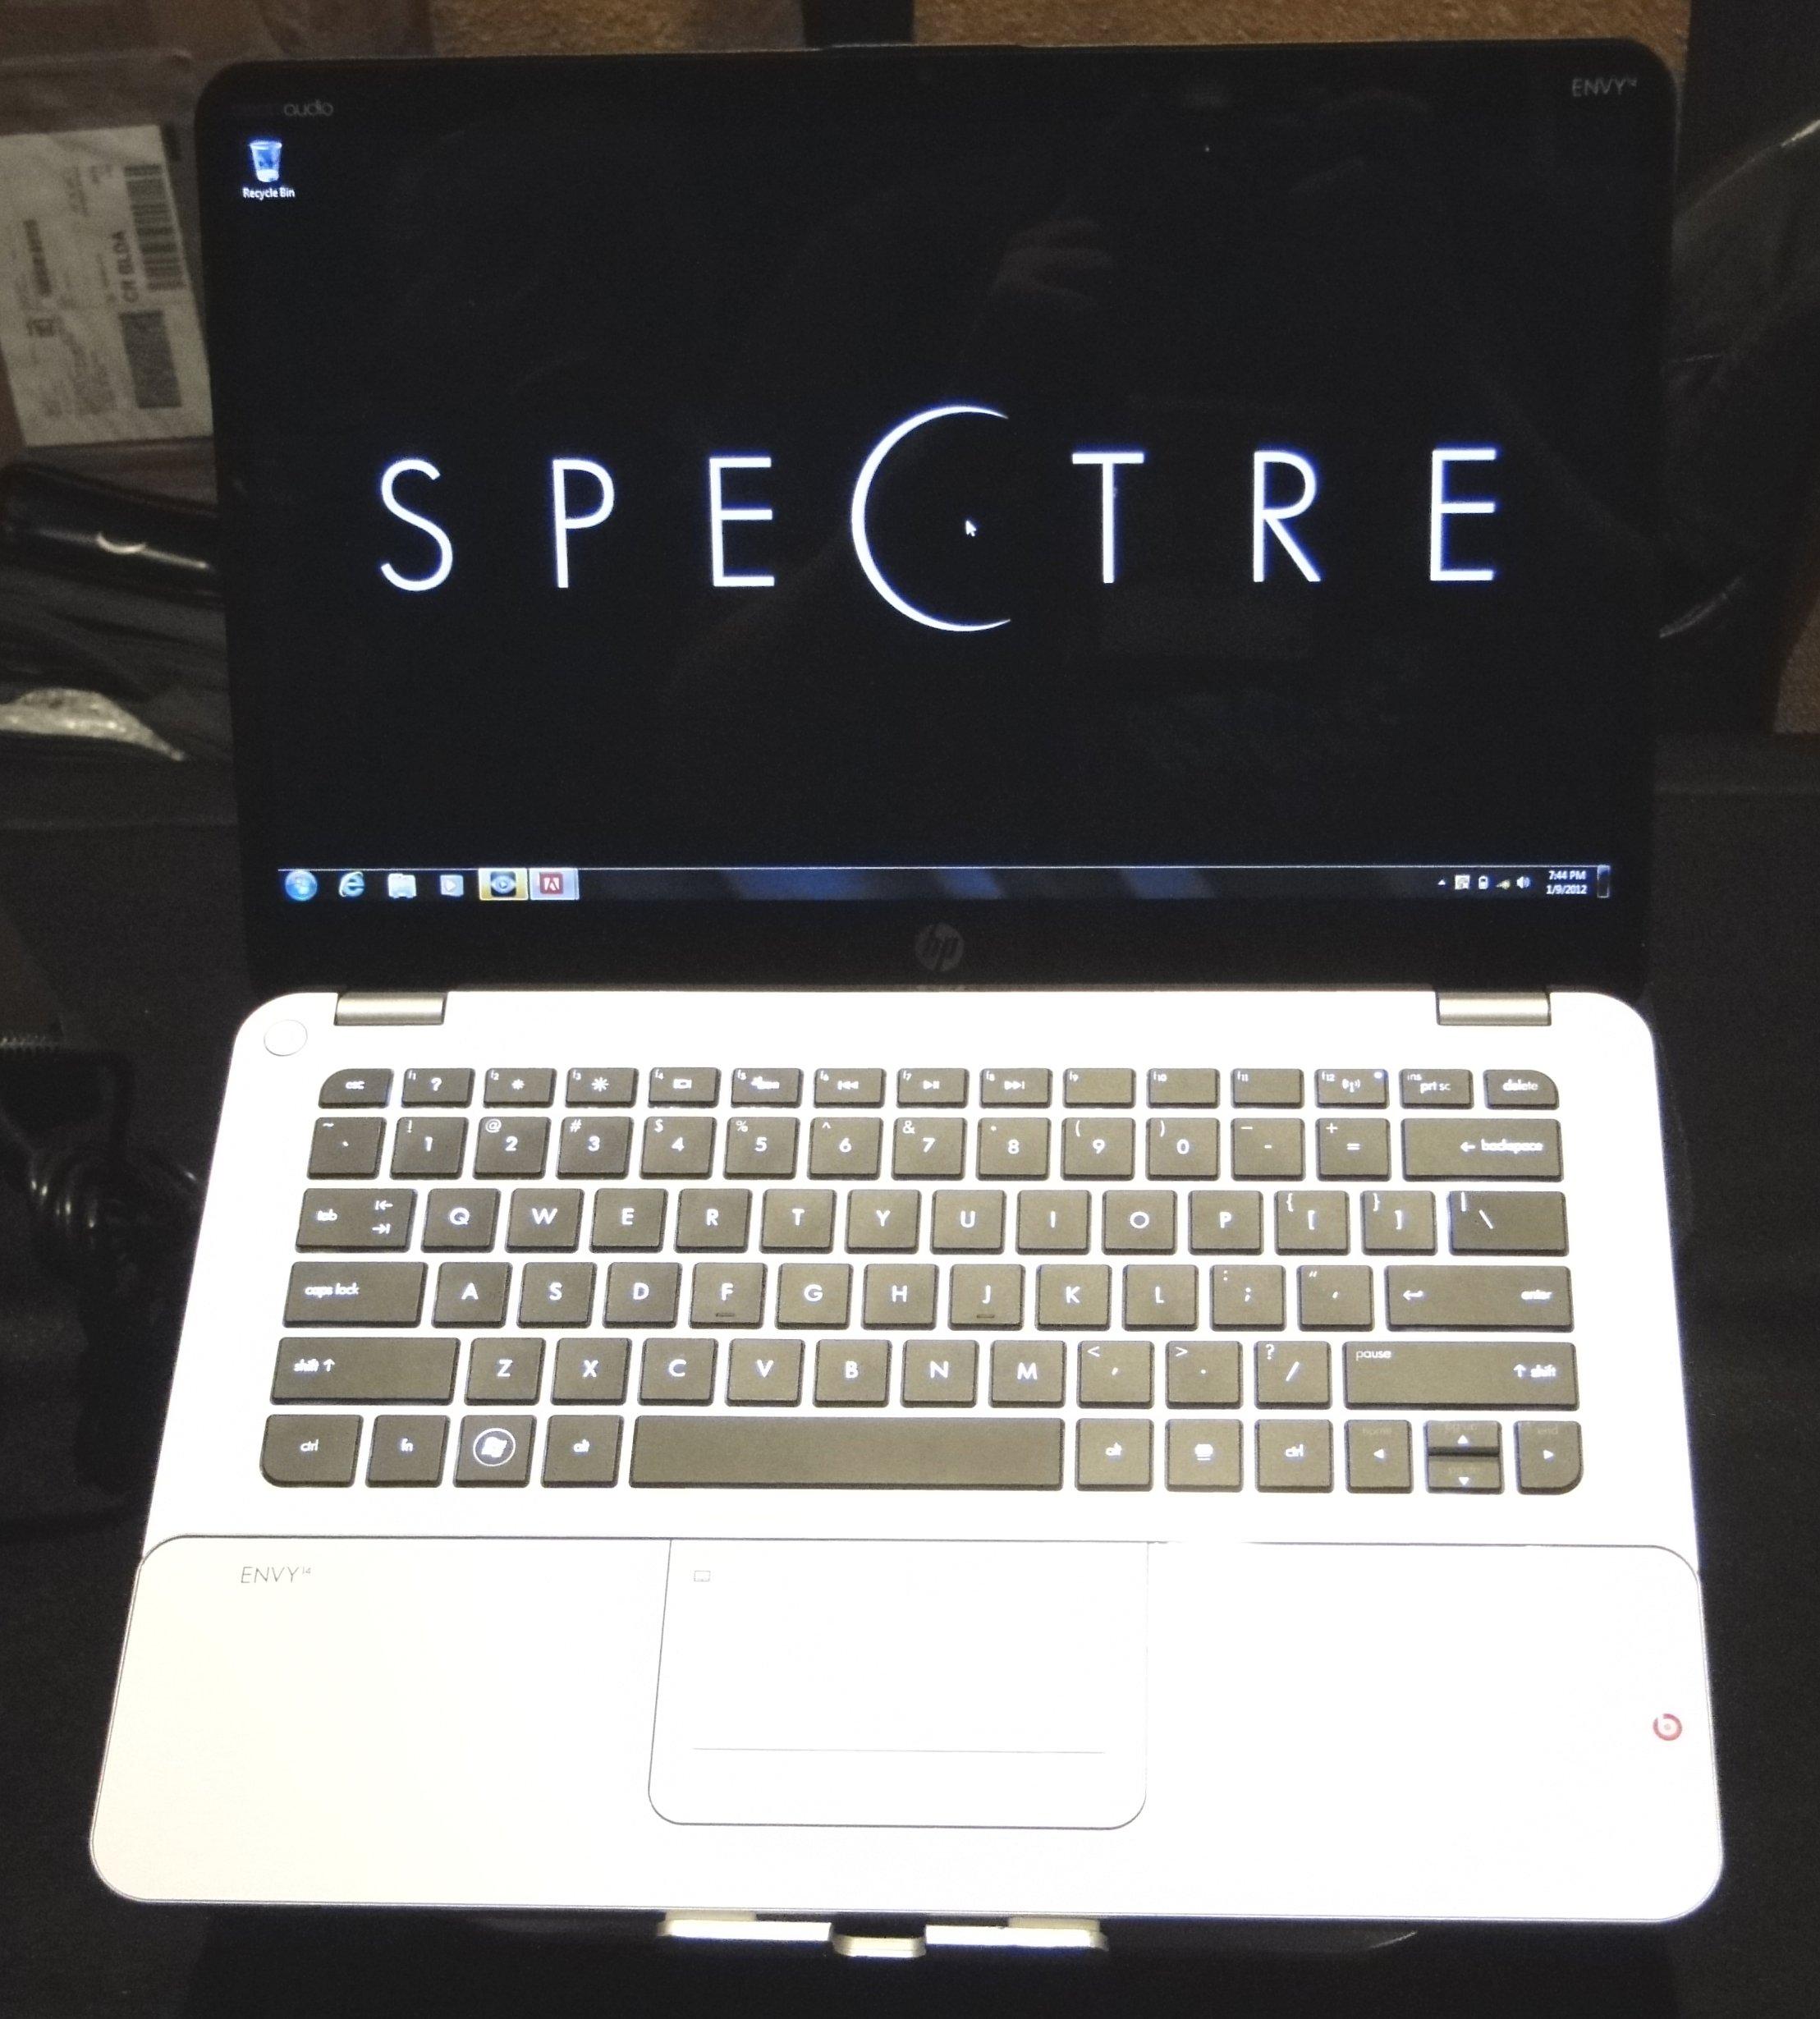 hpspectre14-3.jpg